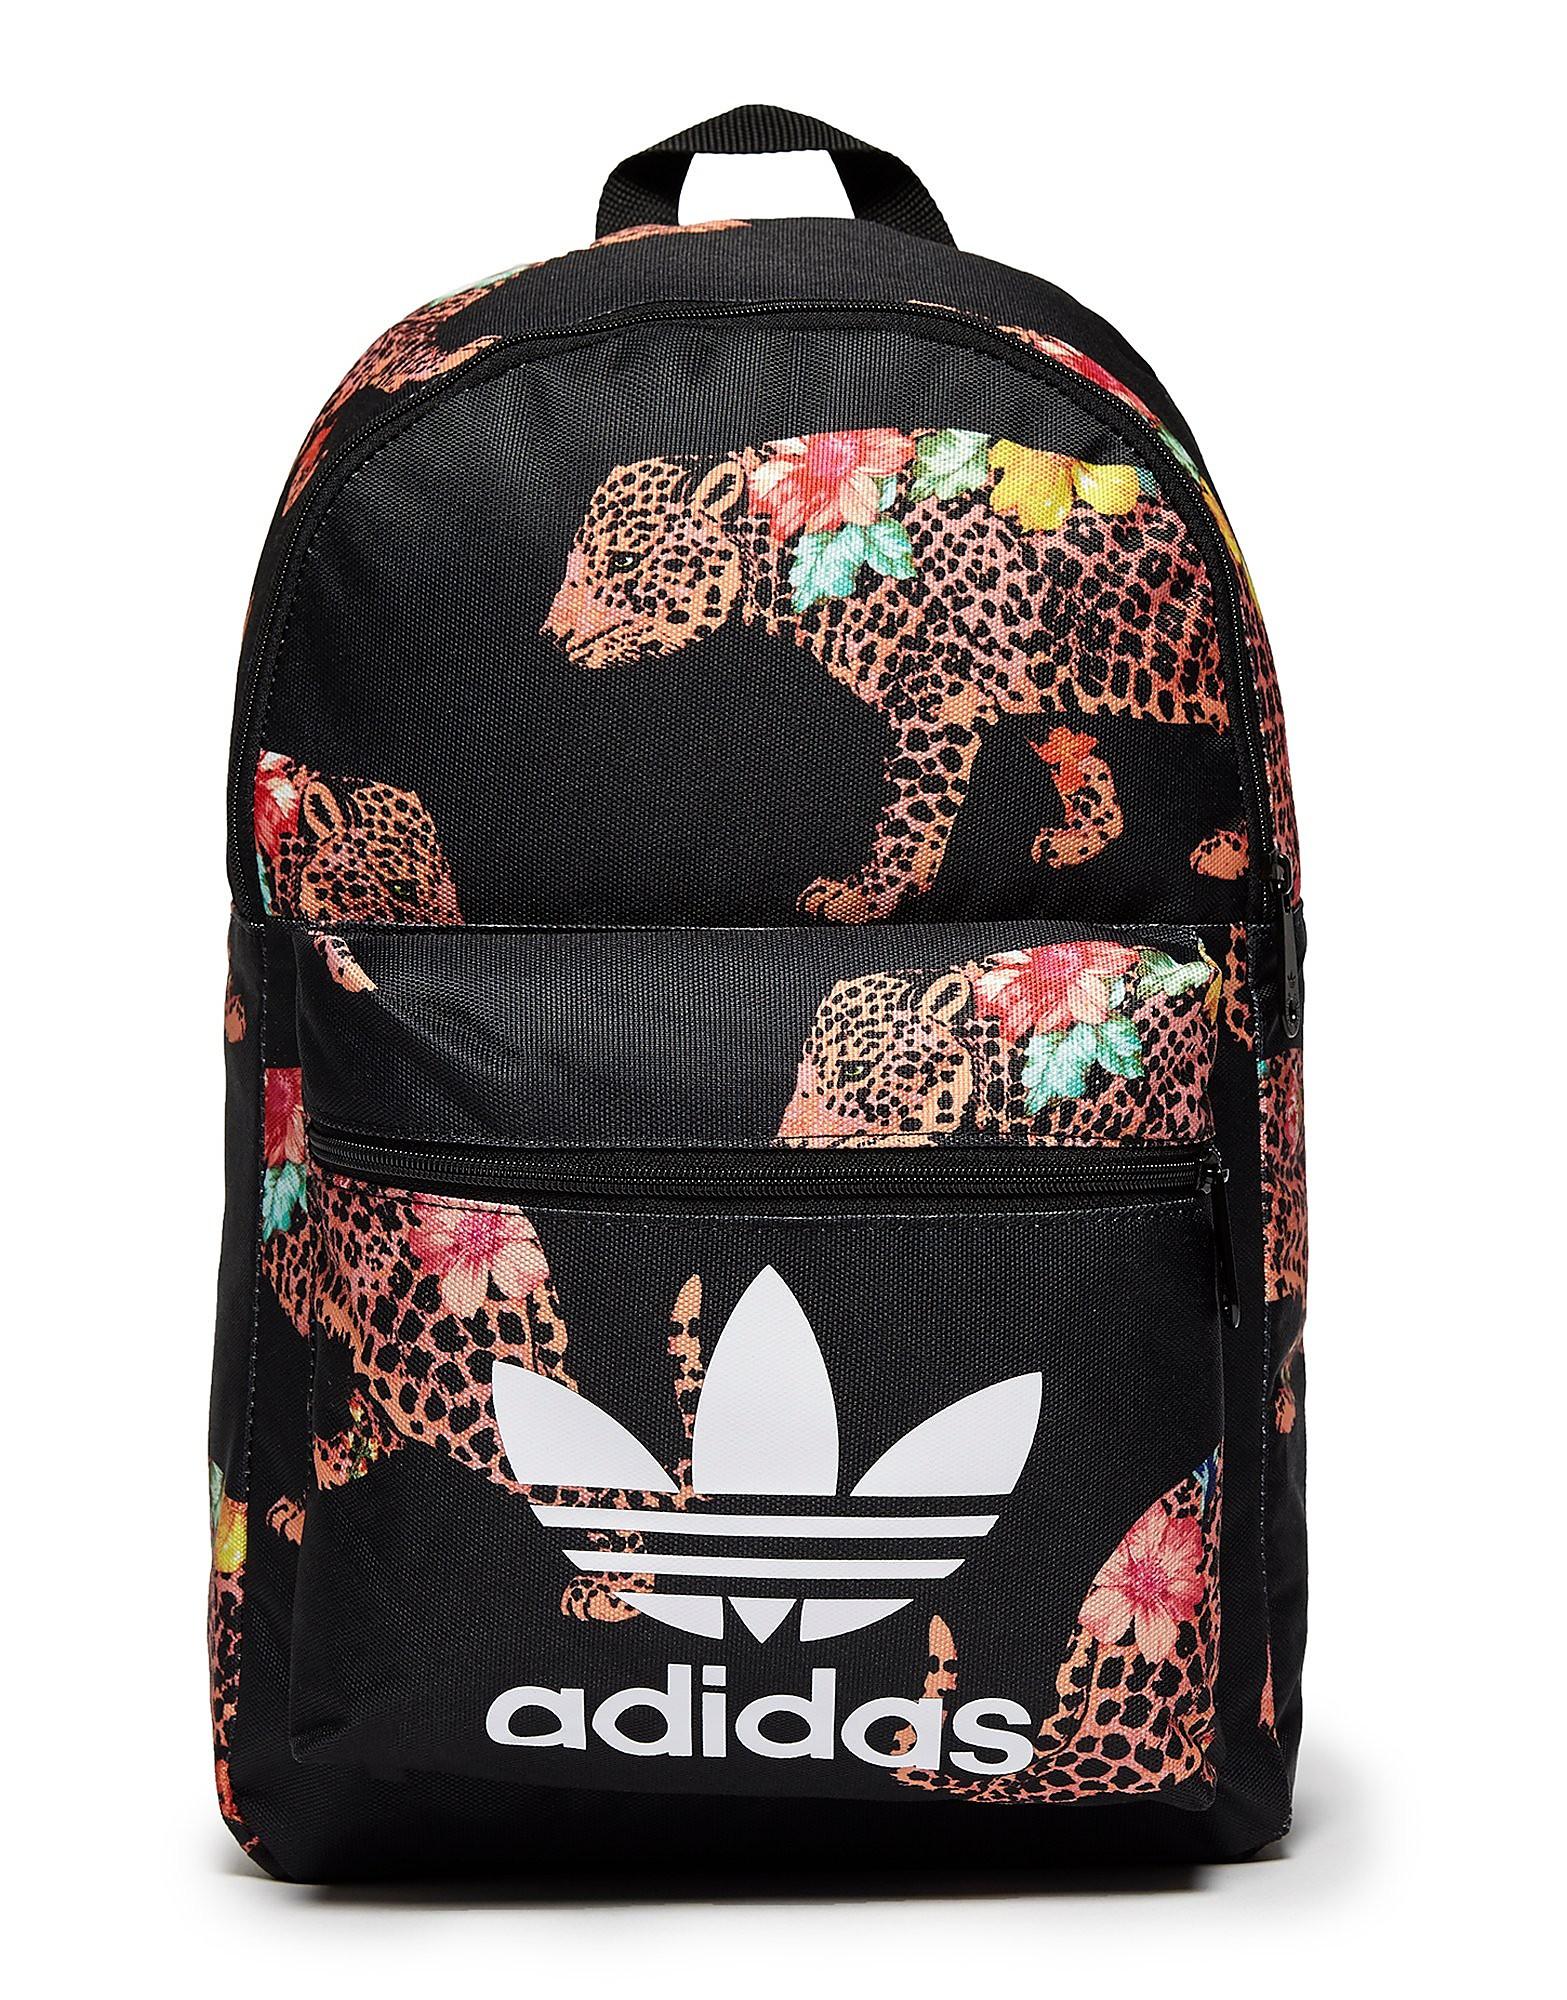 adidas Originals Classic Oncada Backpack